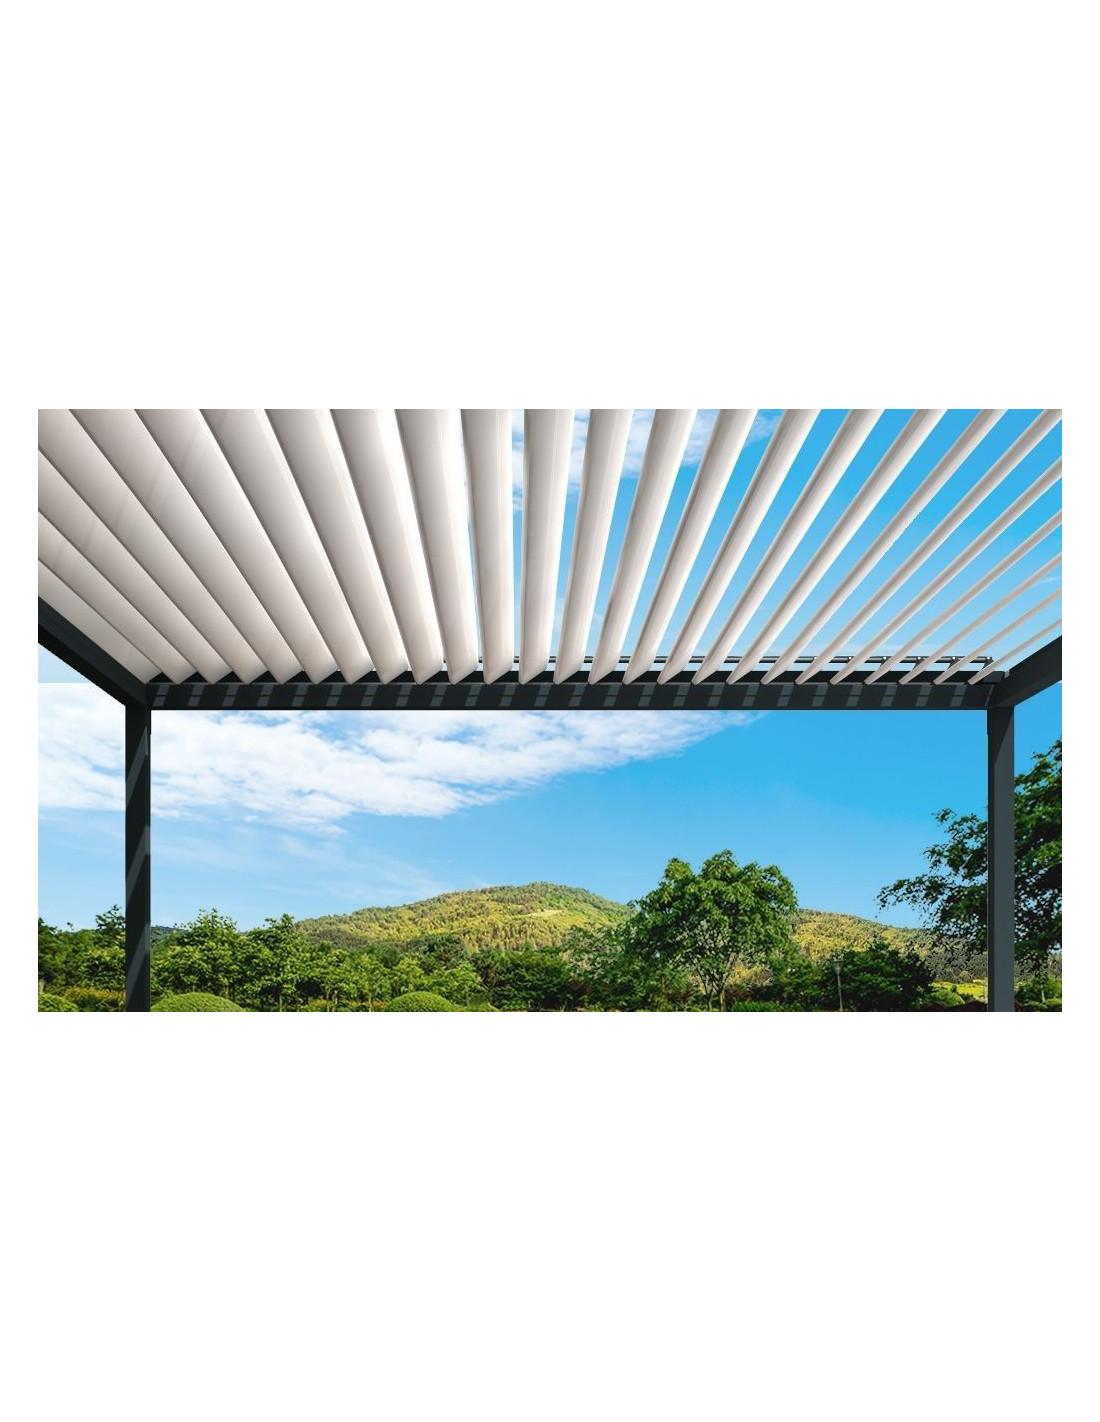 Eclairage Solaire Pour Tonnelle pergola bioclimatique titan autoportée en aluminium